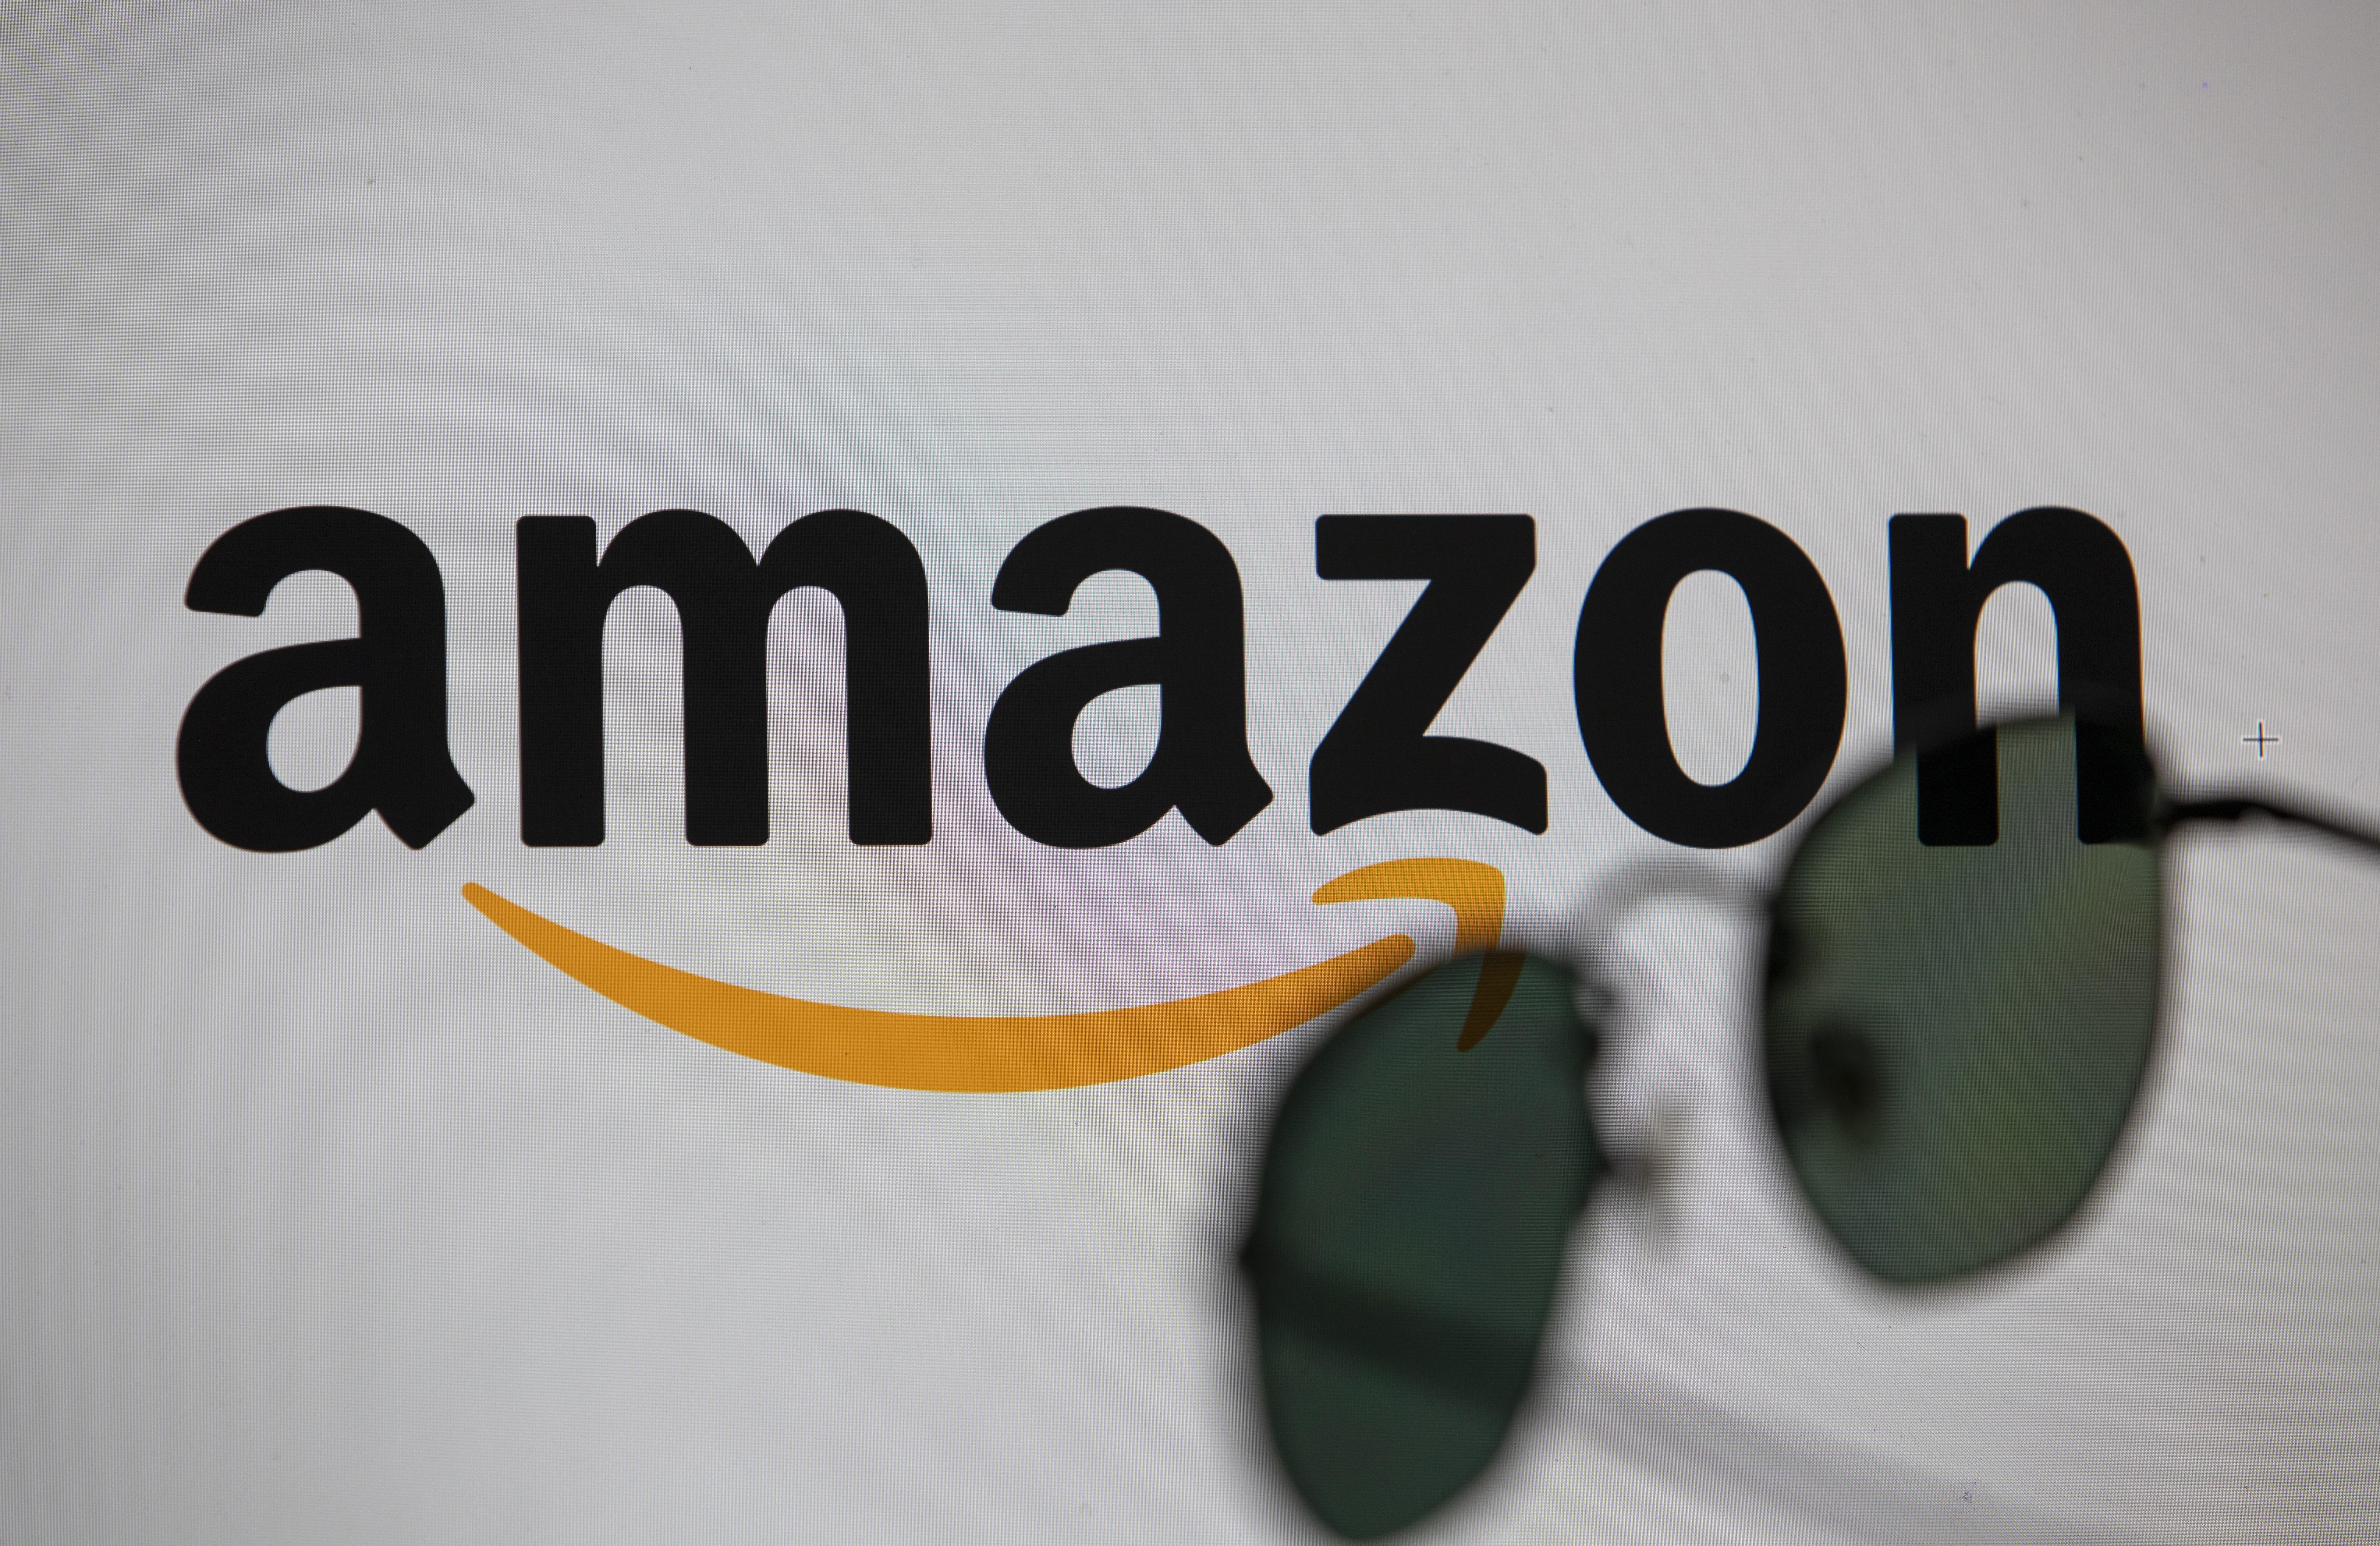 亚马逊(AMZN)语音助理Alexa被曝遭内部监听 Facebook式丑闻再续?